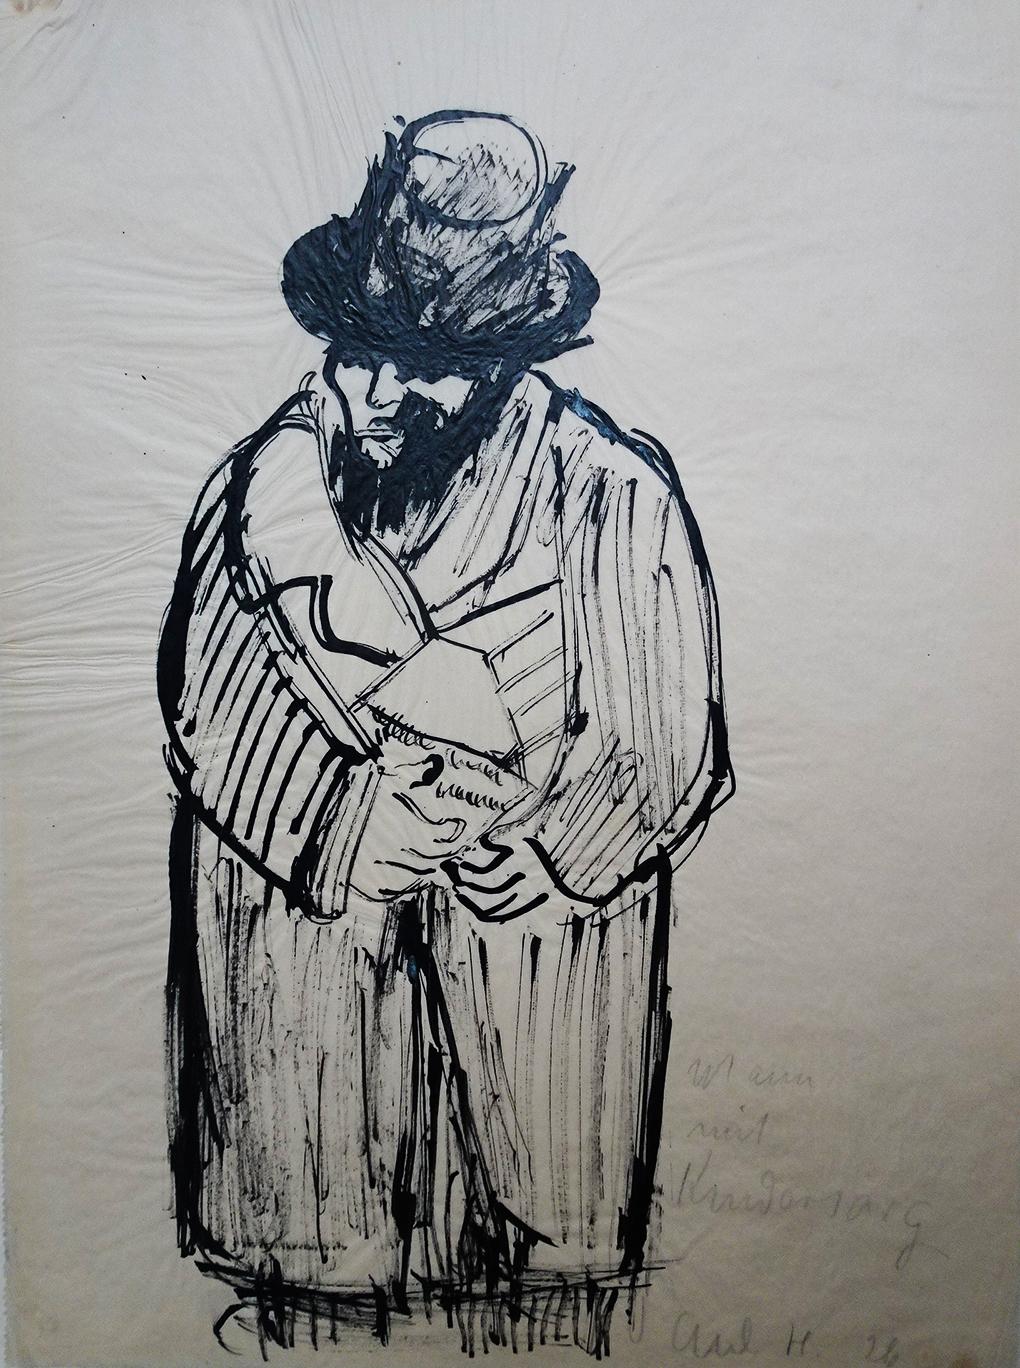 Paul Holz, Mężczyzna z dziecięcą trumienką, 1926, pióro, pióro trzcinowe, tusz, kalka, Muzeum Narodowe w Szczecinie, fot. Grzegorz Solecki&Arkadiusz Piętak